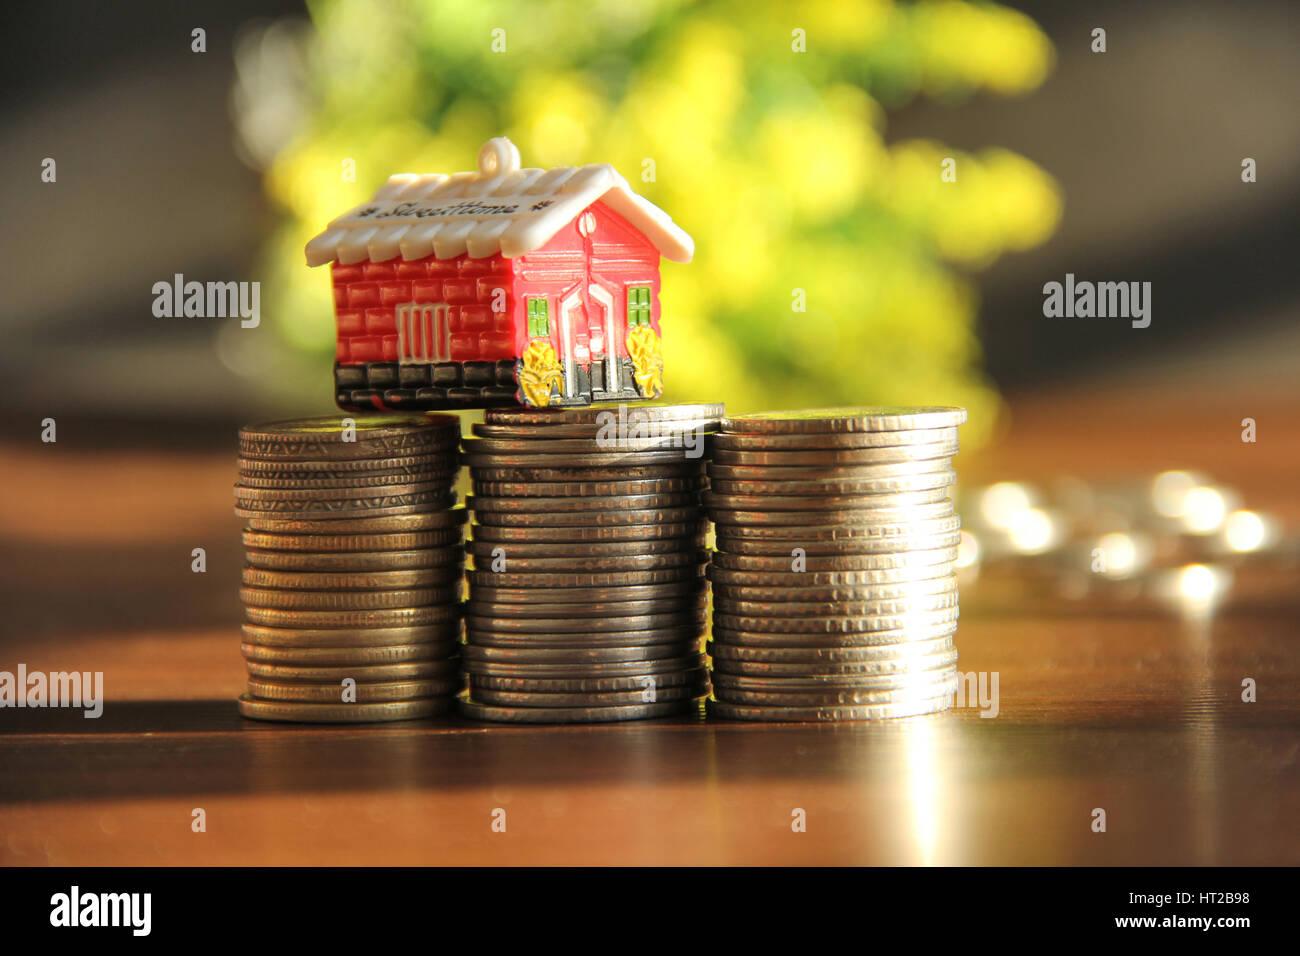 Sparen Geld, Haus oder zu Hause zu kaufen. Sparschwein mit Stapel der Münzen Stockbild